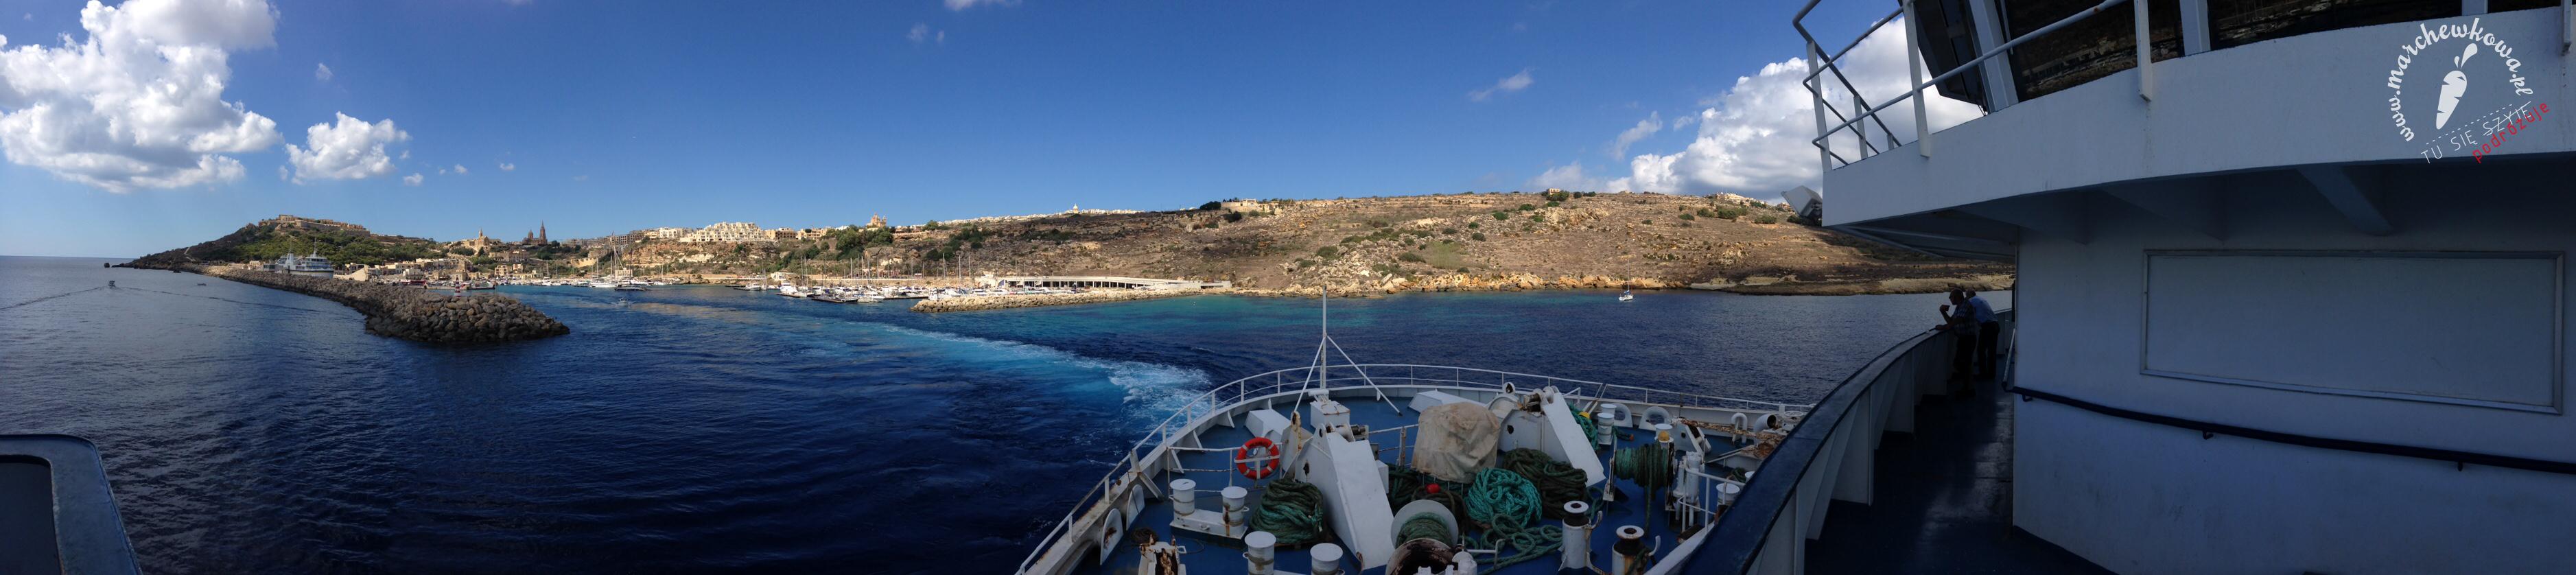 Malta happened, wakacje na Malcie, koszty, ile euro zabrać ze sobą, ile kosztuje jedzenie, Gozo, prom, morze, podróż, lot, Ryanair, ceny biletów lotniczych na Maltę, wylot z Wrocławia, urlop, wycieczka, plaże, tradycyjne jedzenie